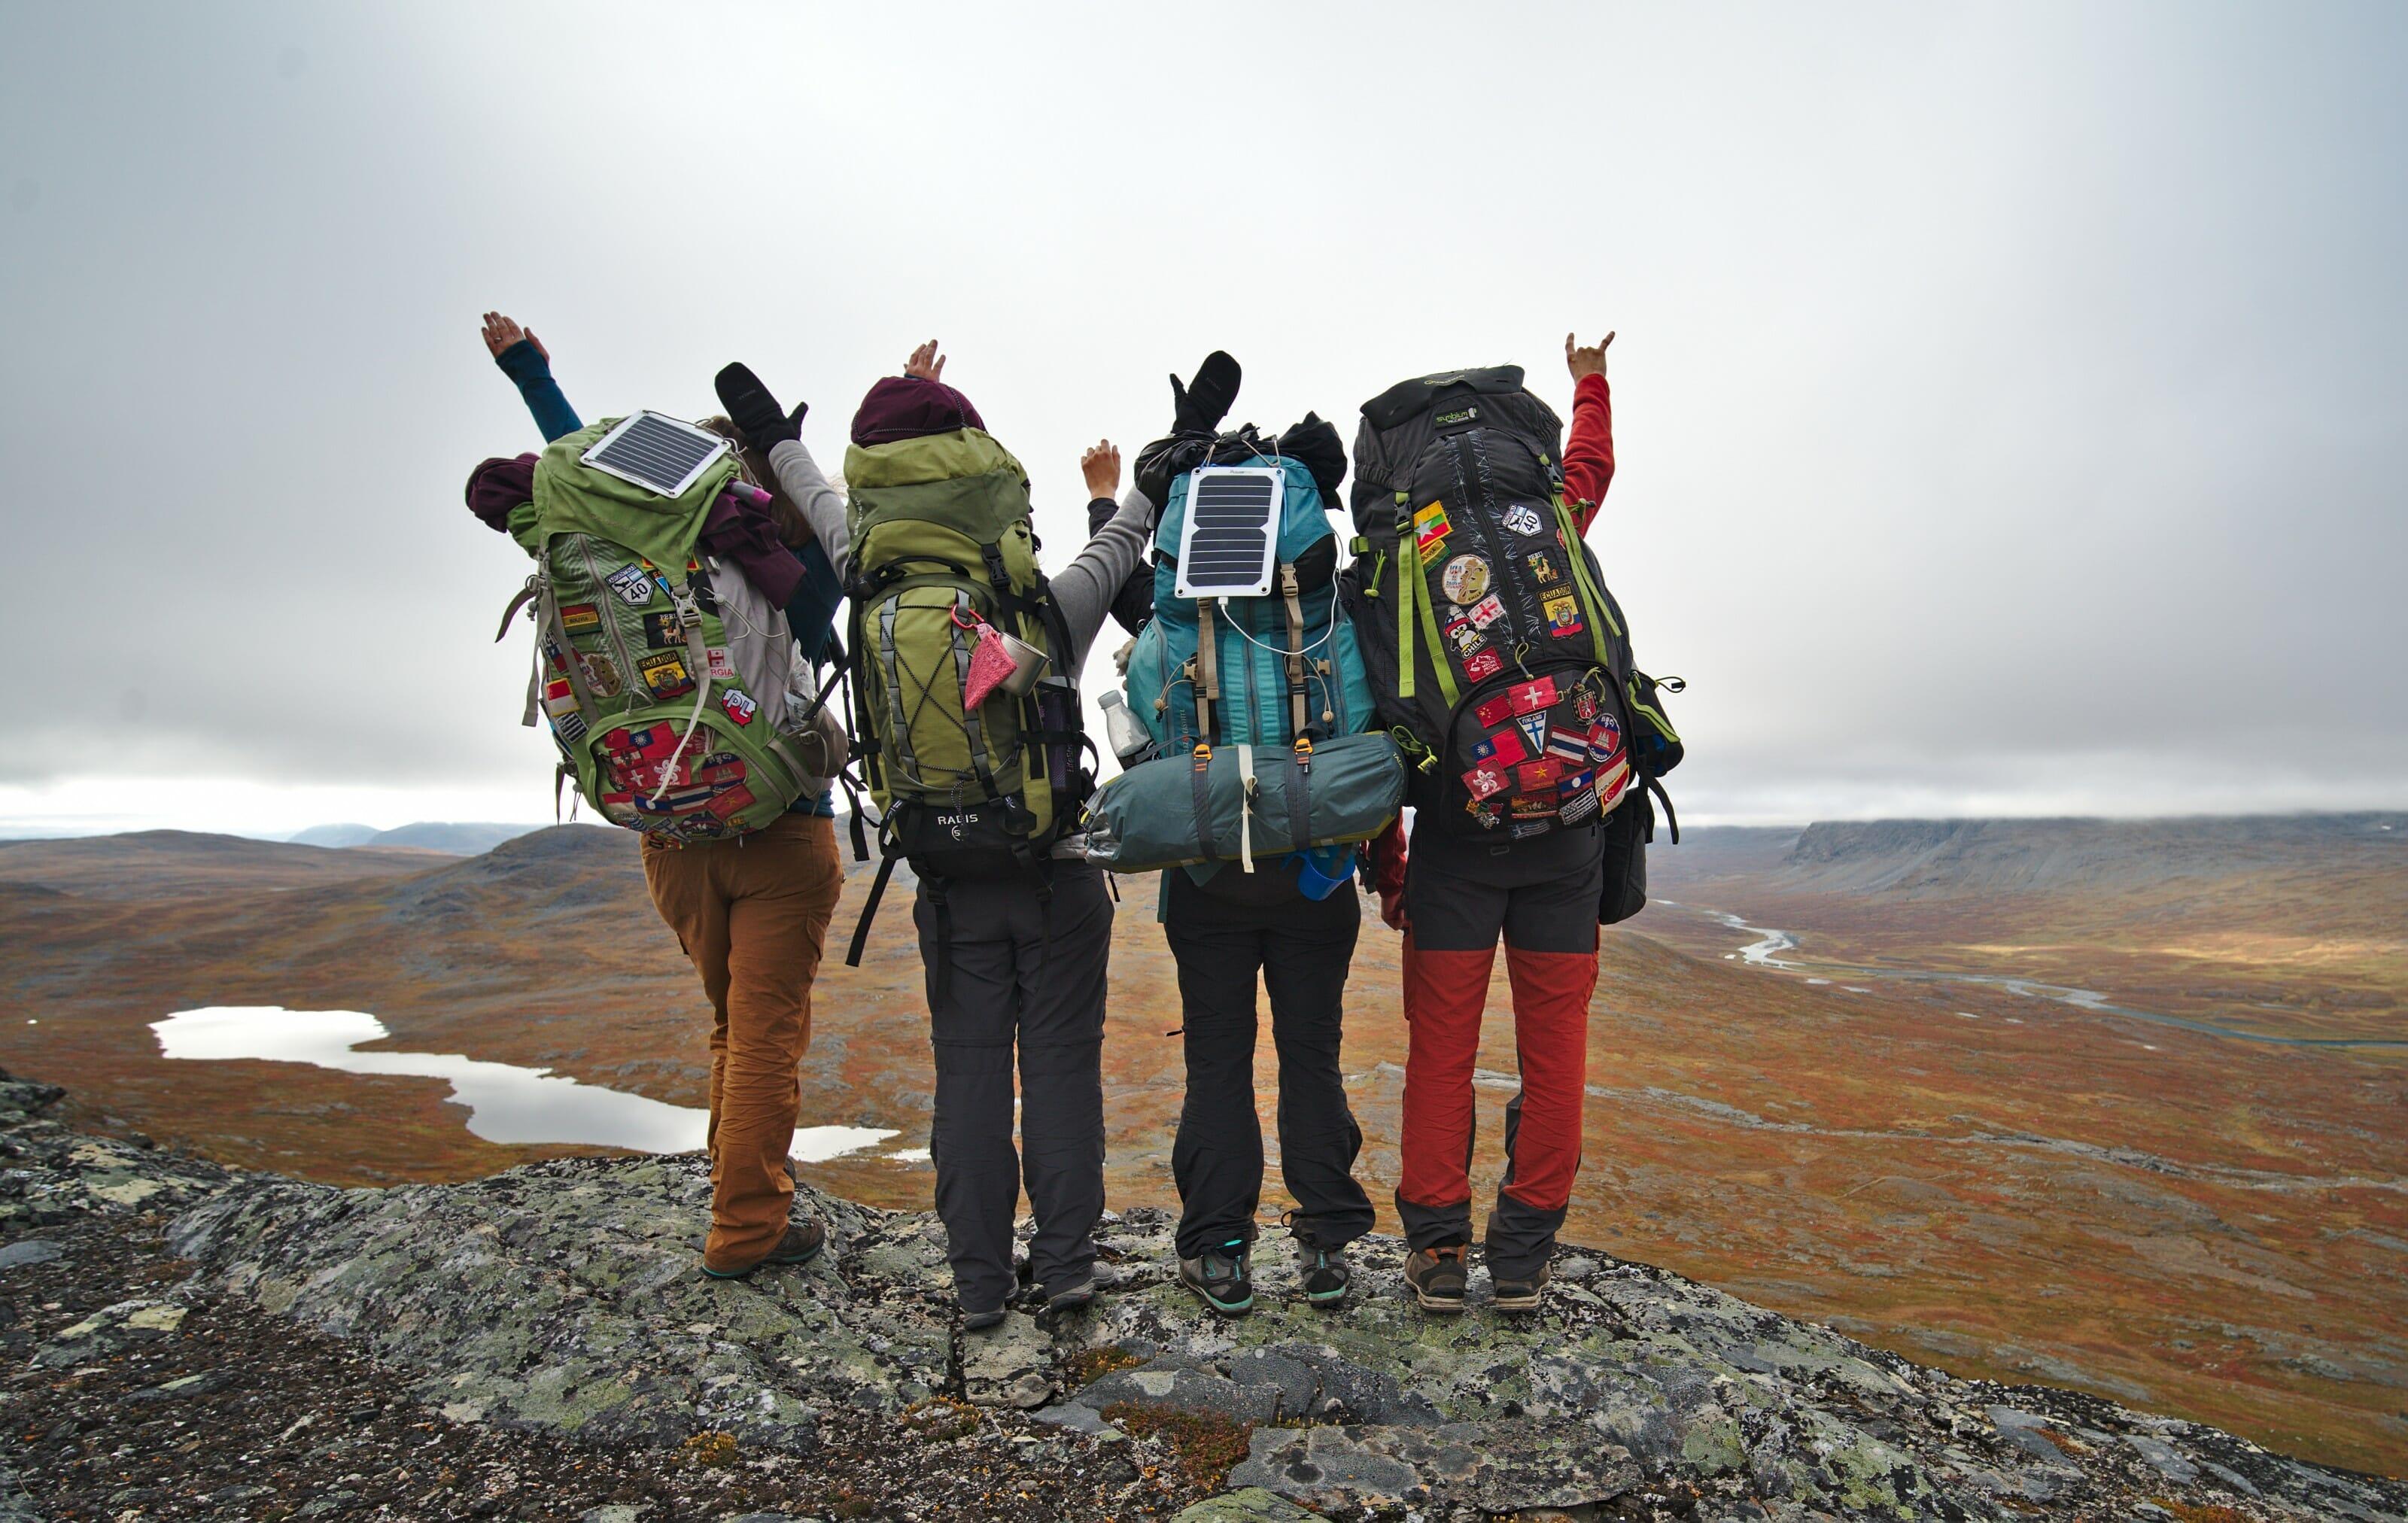 randonnée tour du monde